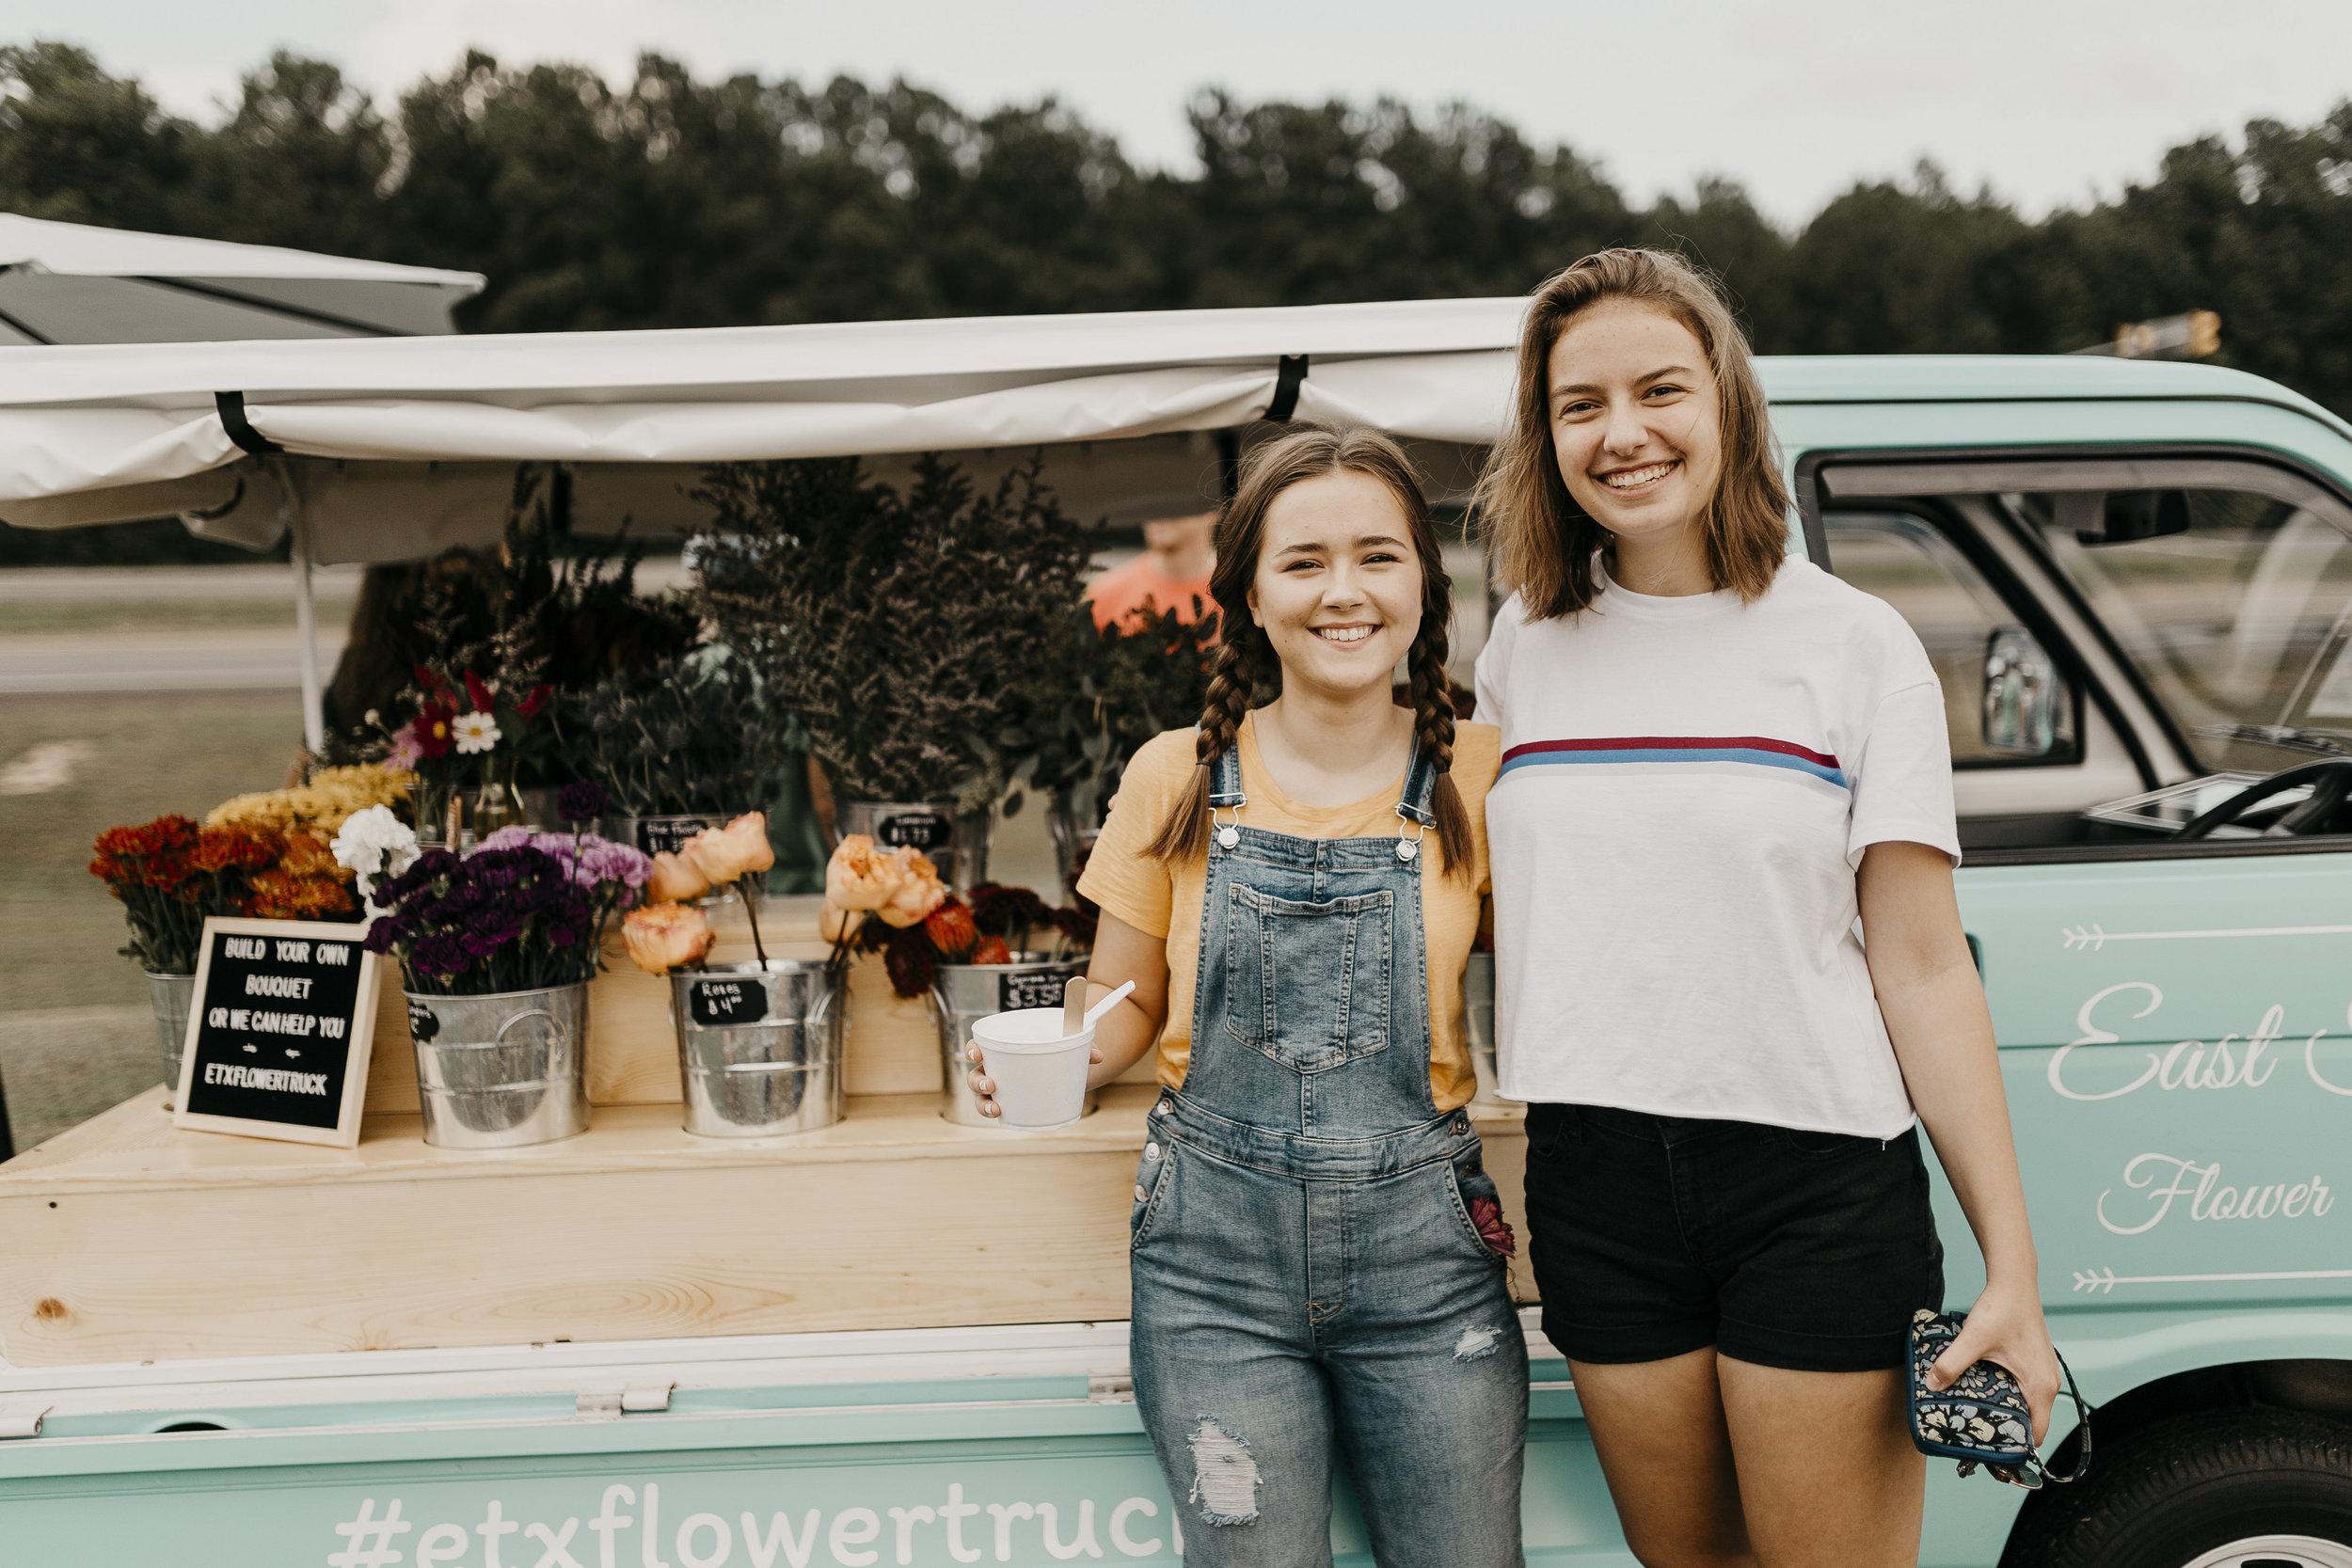 ETX Flower Truck Opening 2018-ETX Flower Truck Opening 2018-0028.jpg